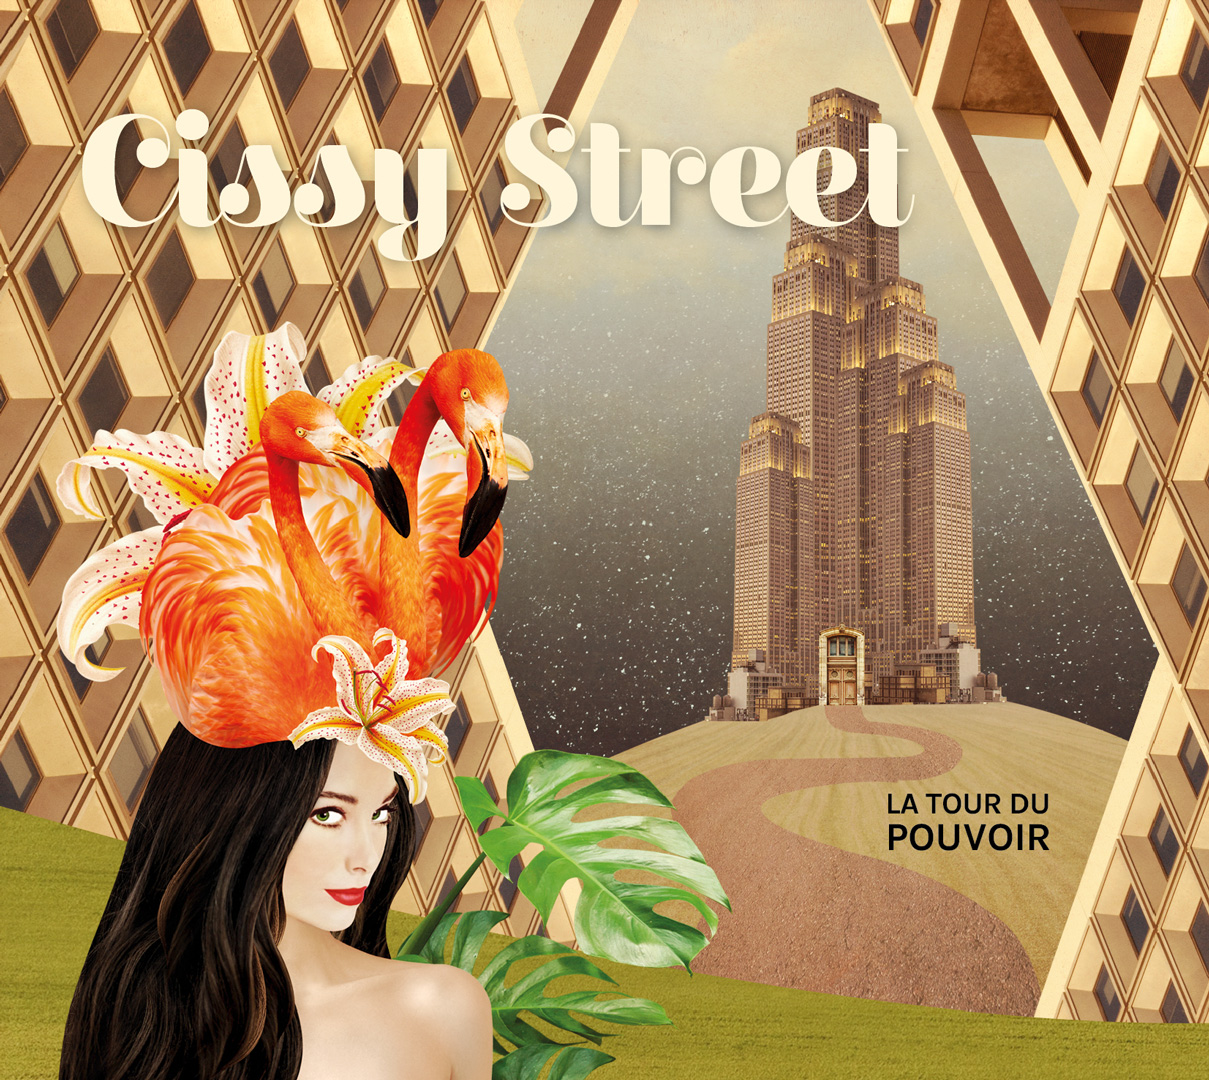 Cissy-Street-Tour-du-Pouvoir-web